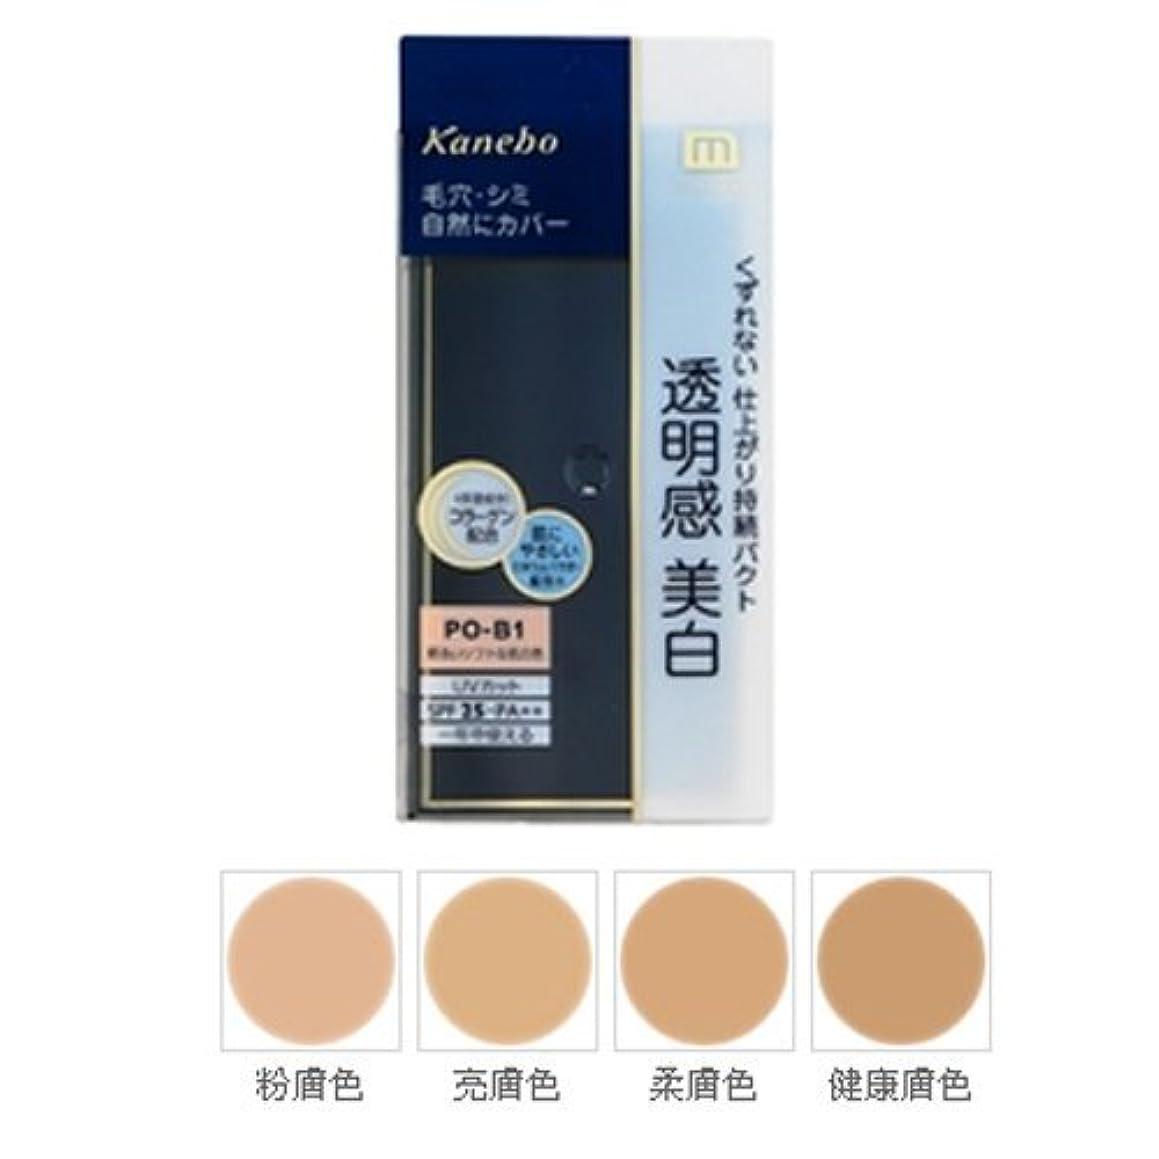 製造より良いフォーマットカネボウ メディア(media)ホワイトニングパクトA III カラー:OC-E1